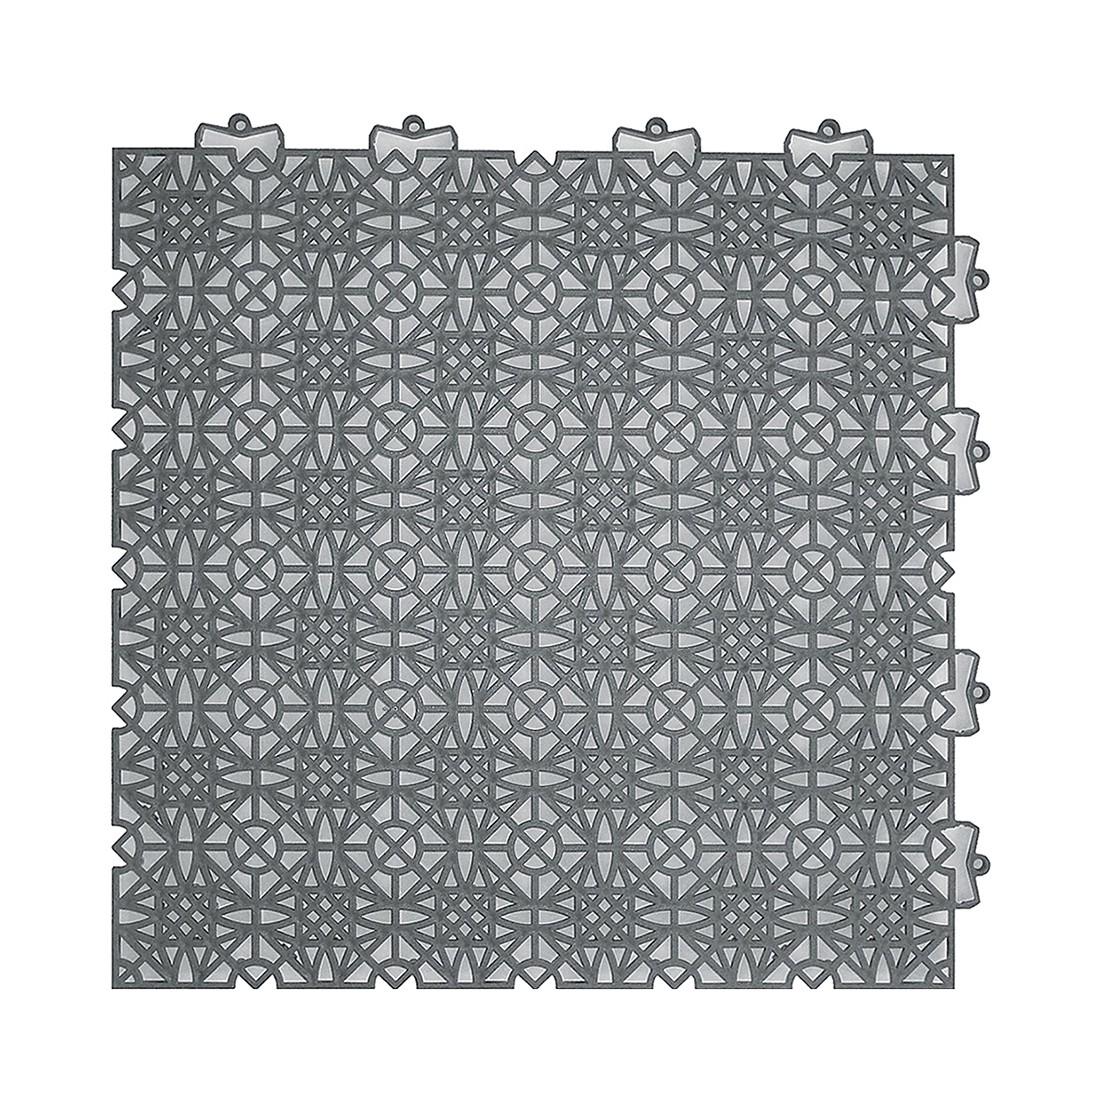 Image of Pavimento drenante sopraelevato in materiale sintetico Terra Sol - Grigio scuro per esterni, andiamo